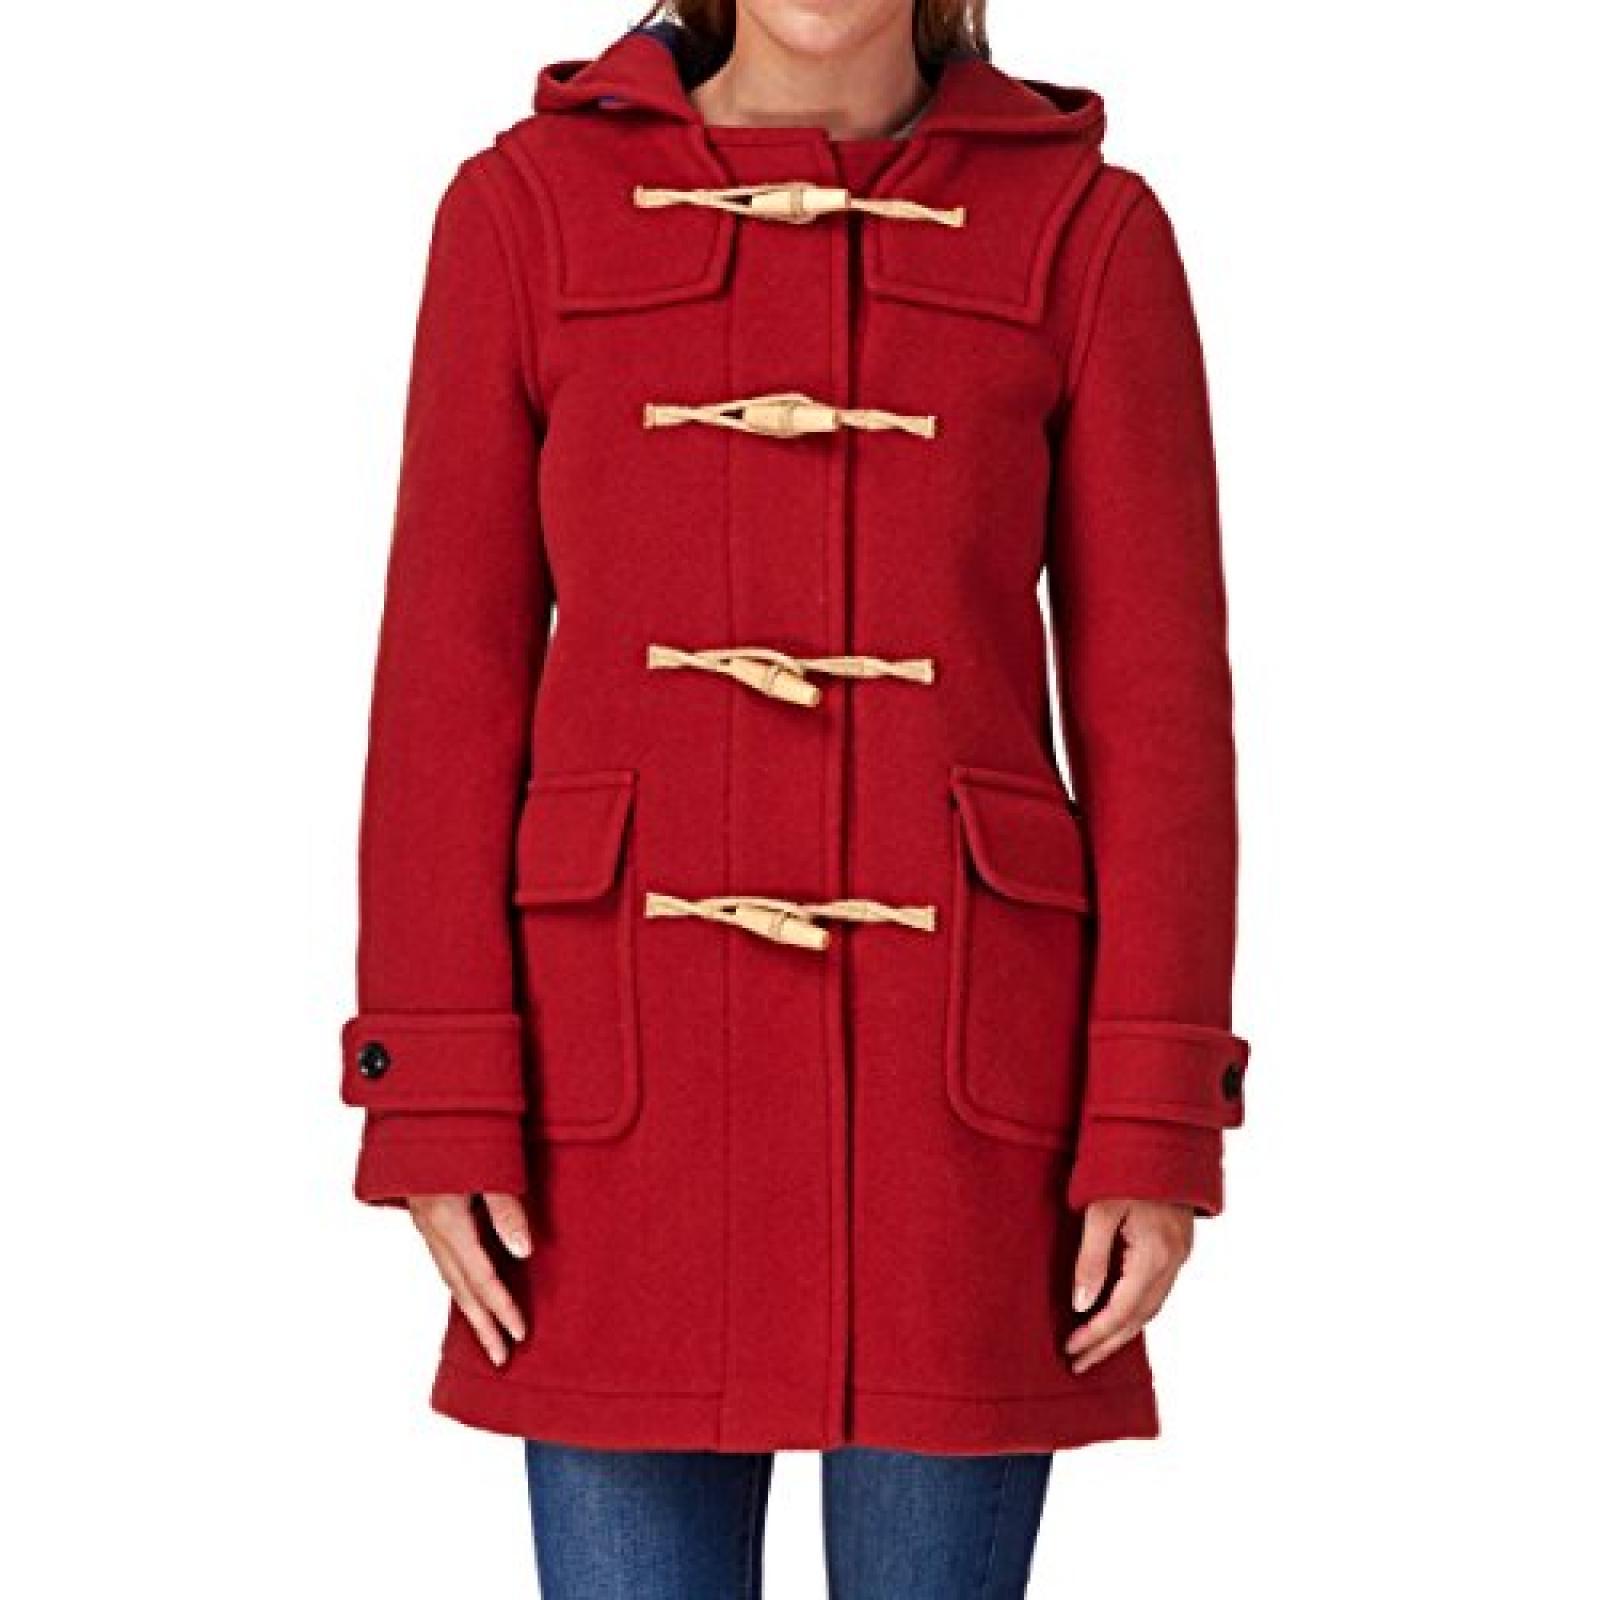 MENIL Cornwall Classic Duffle Jacket - Rust